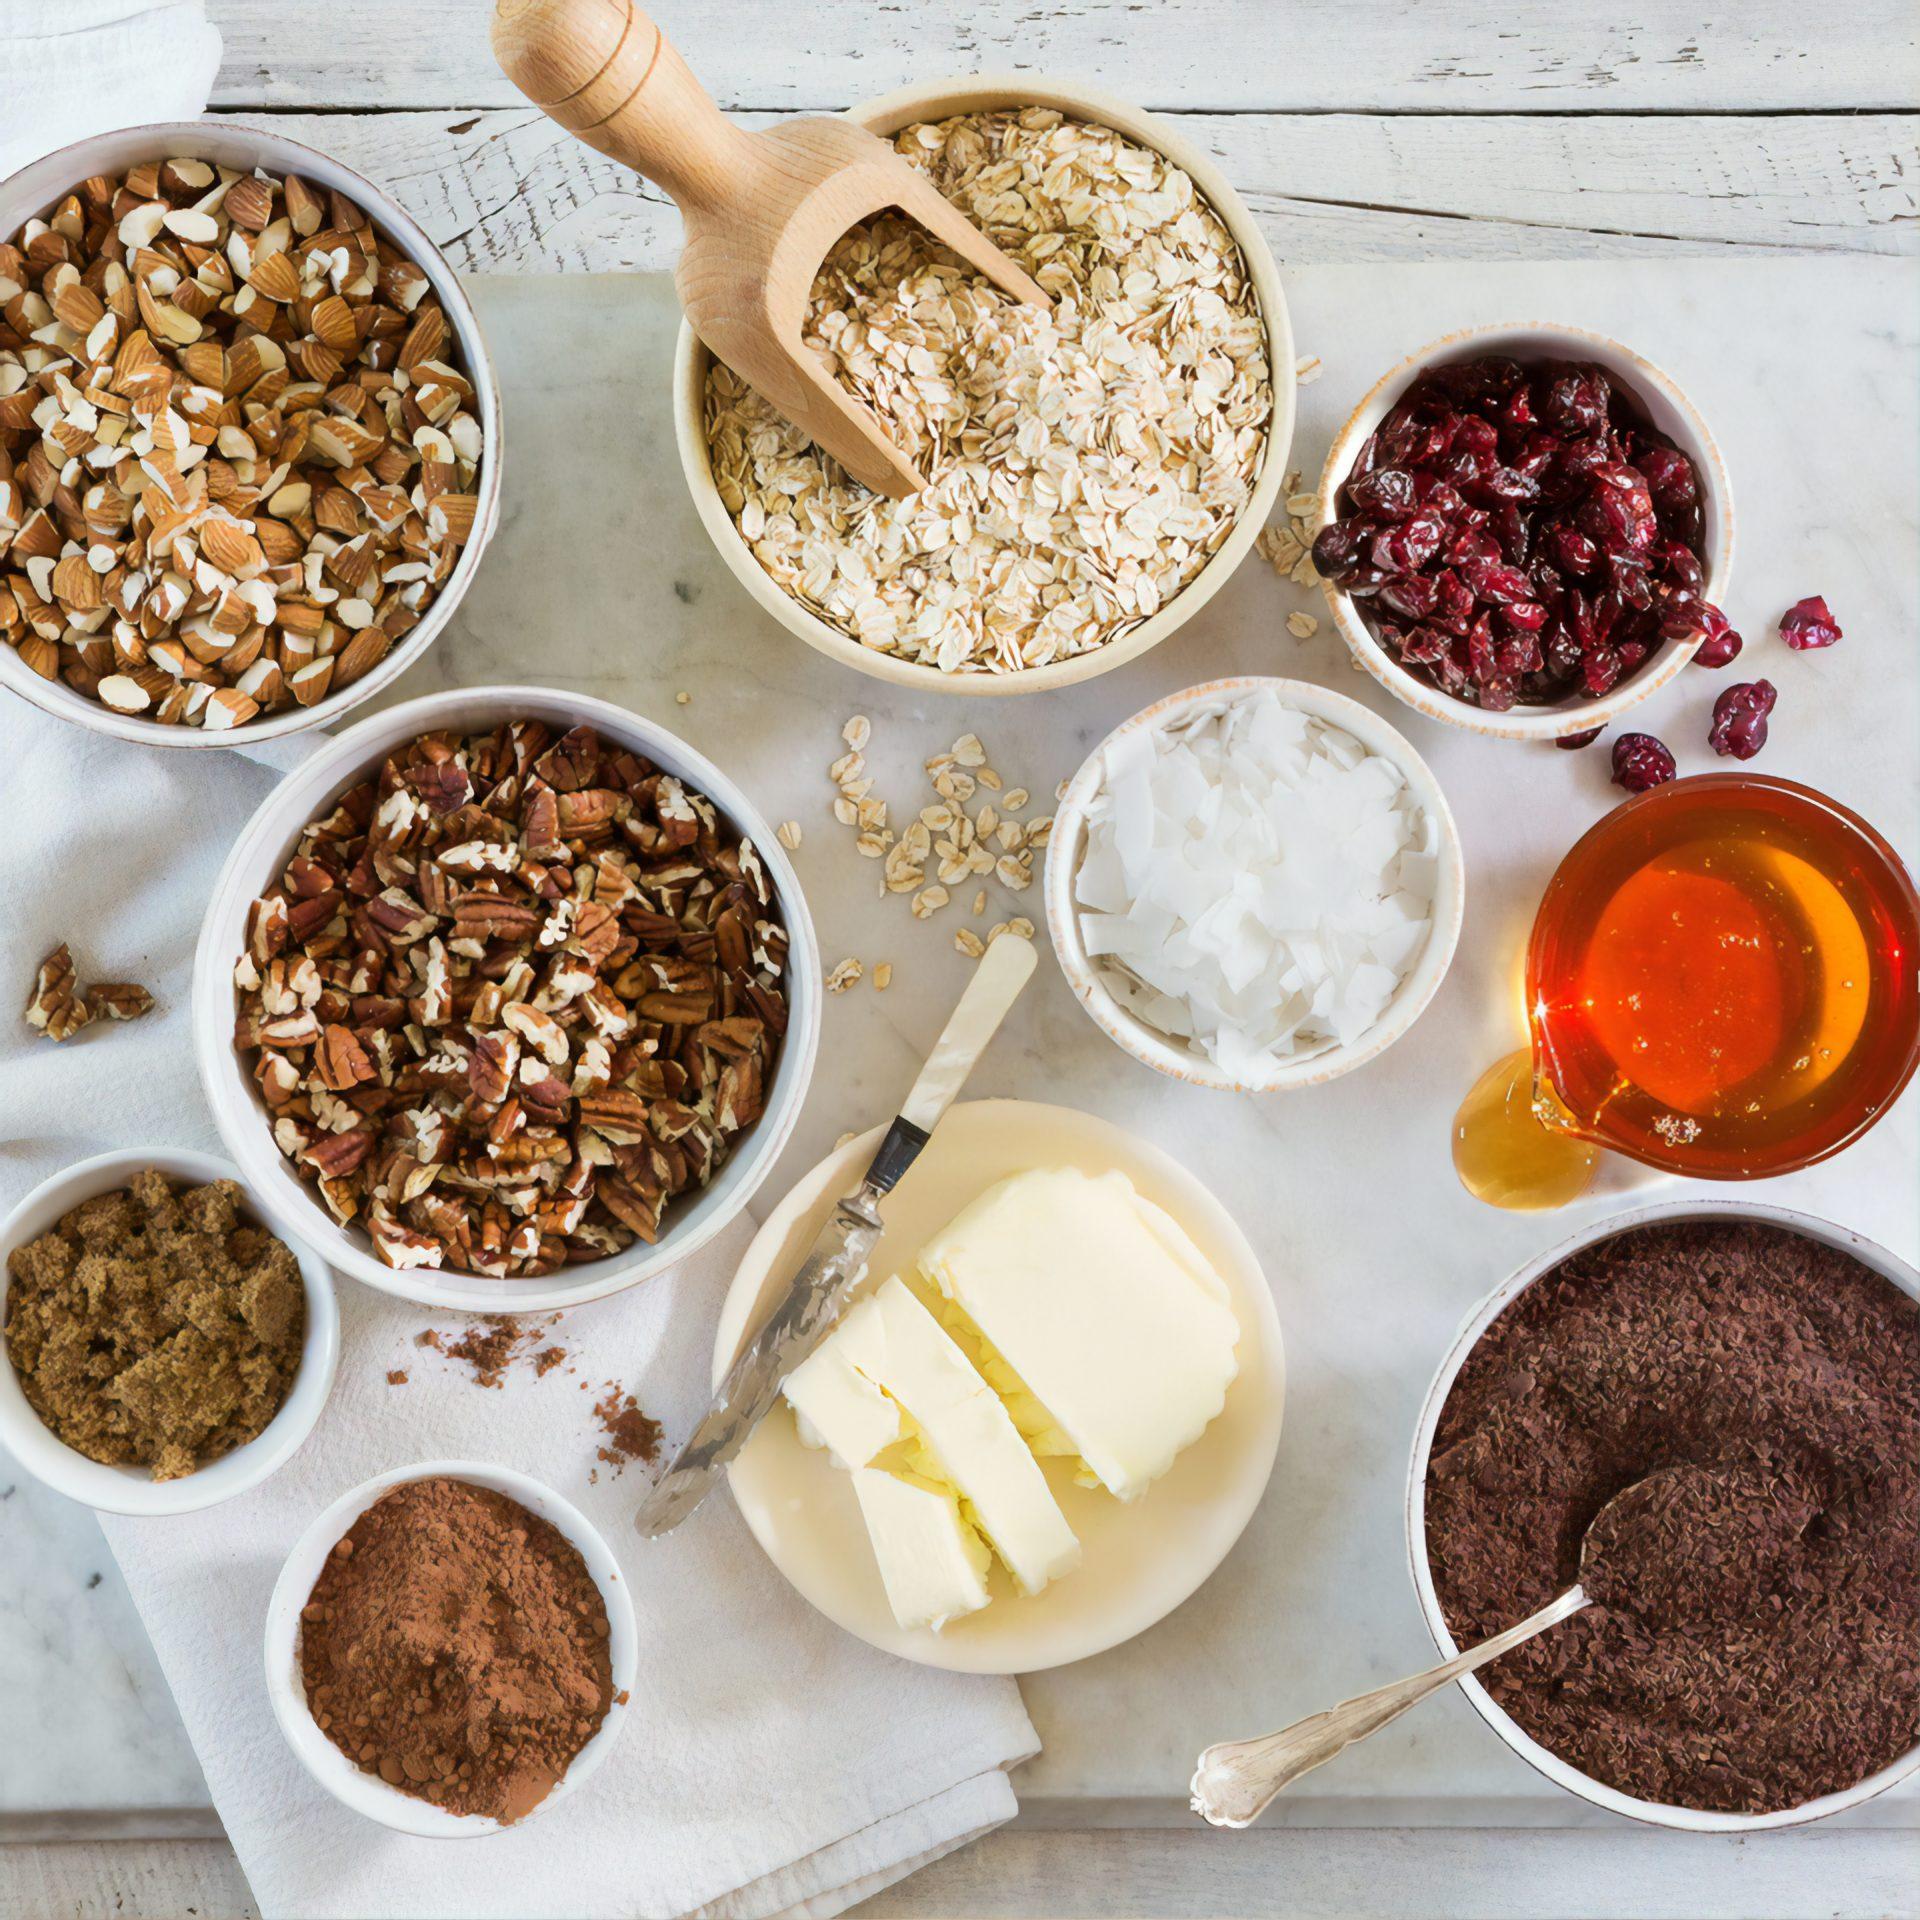 Kuivatatud toiduained hommiksöögil valmistamiseks